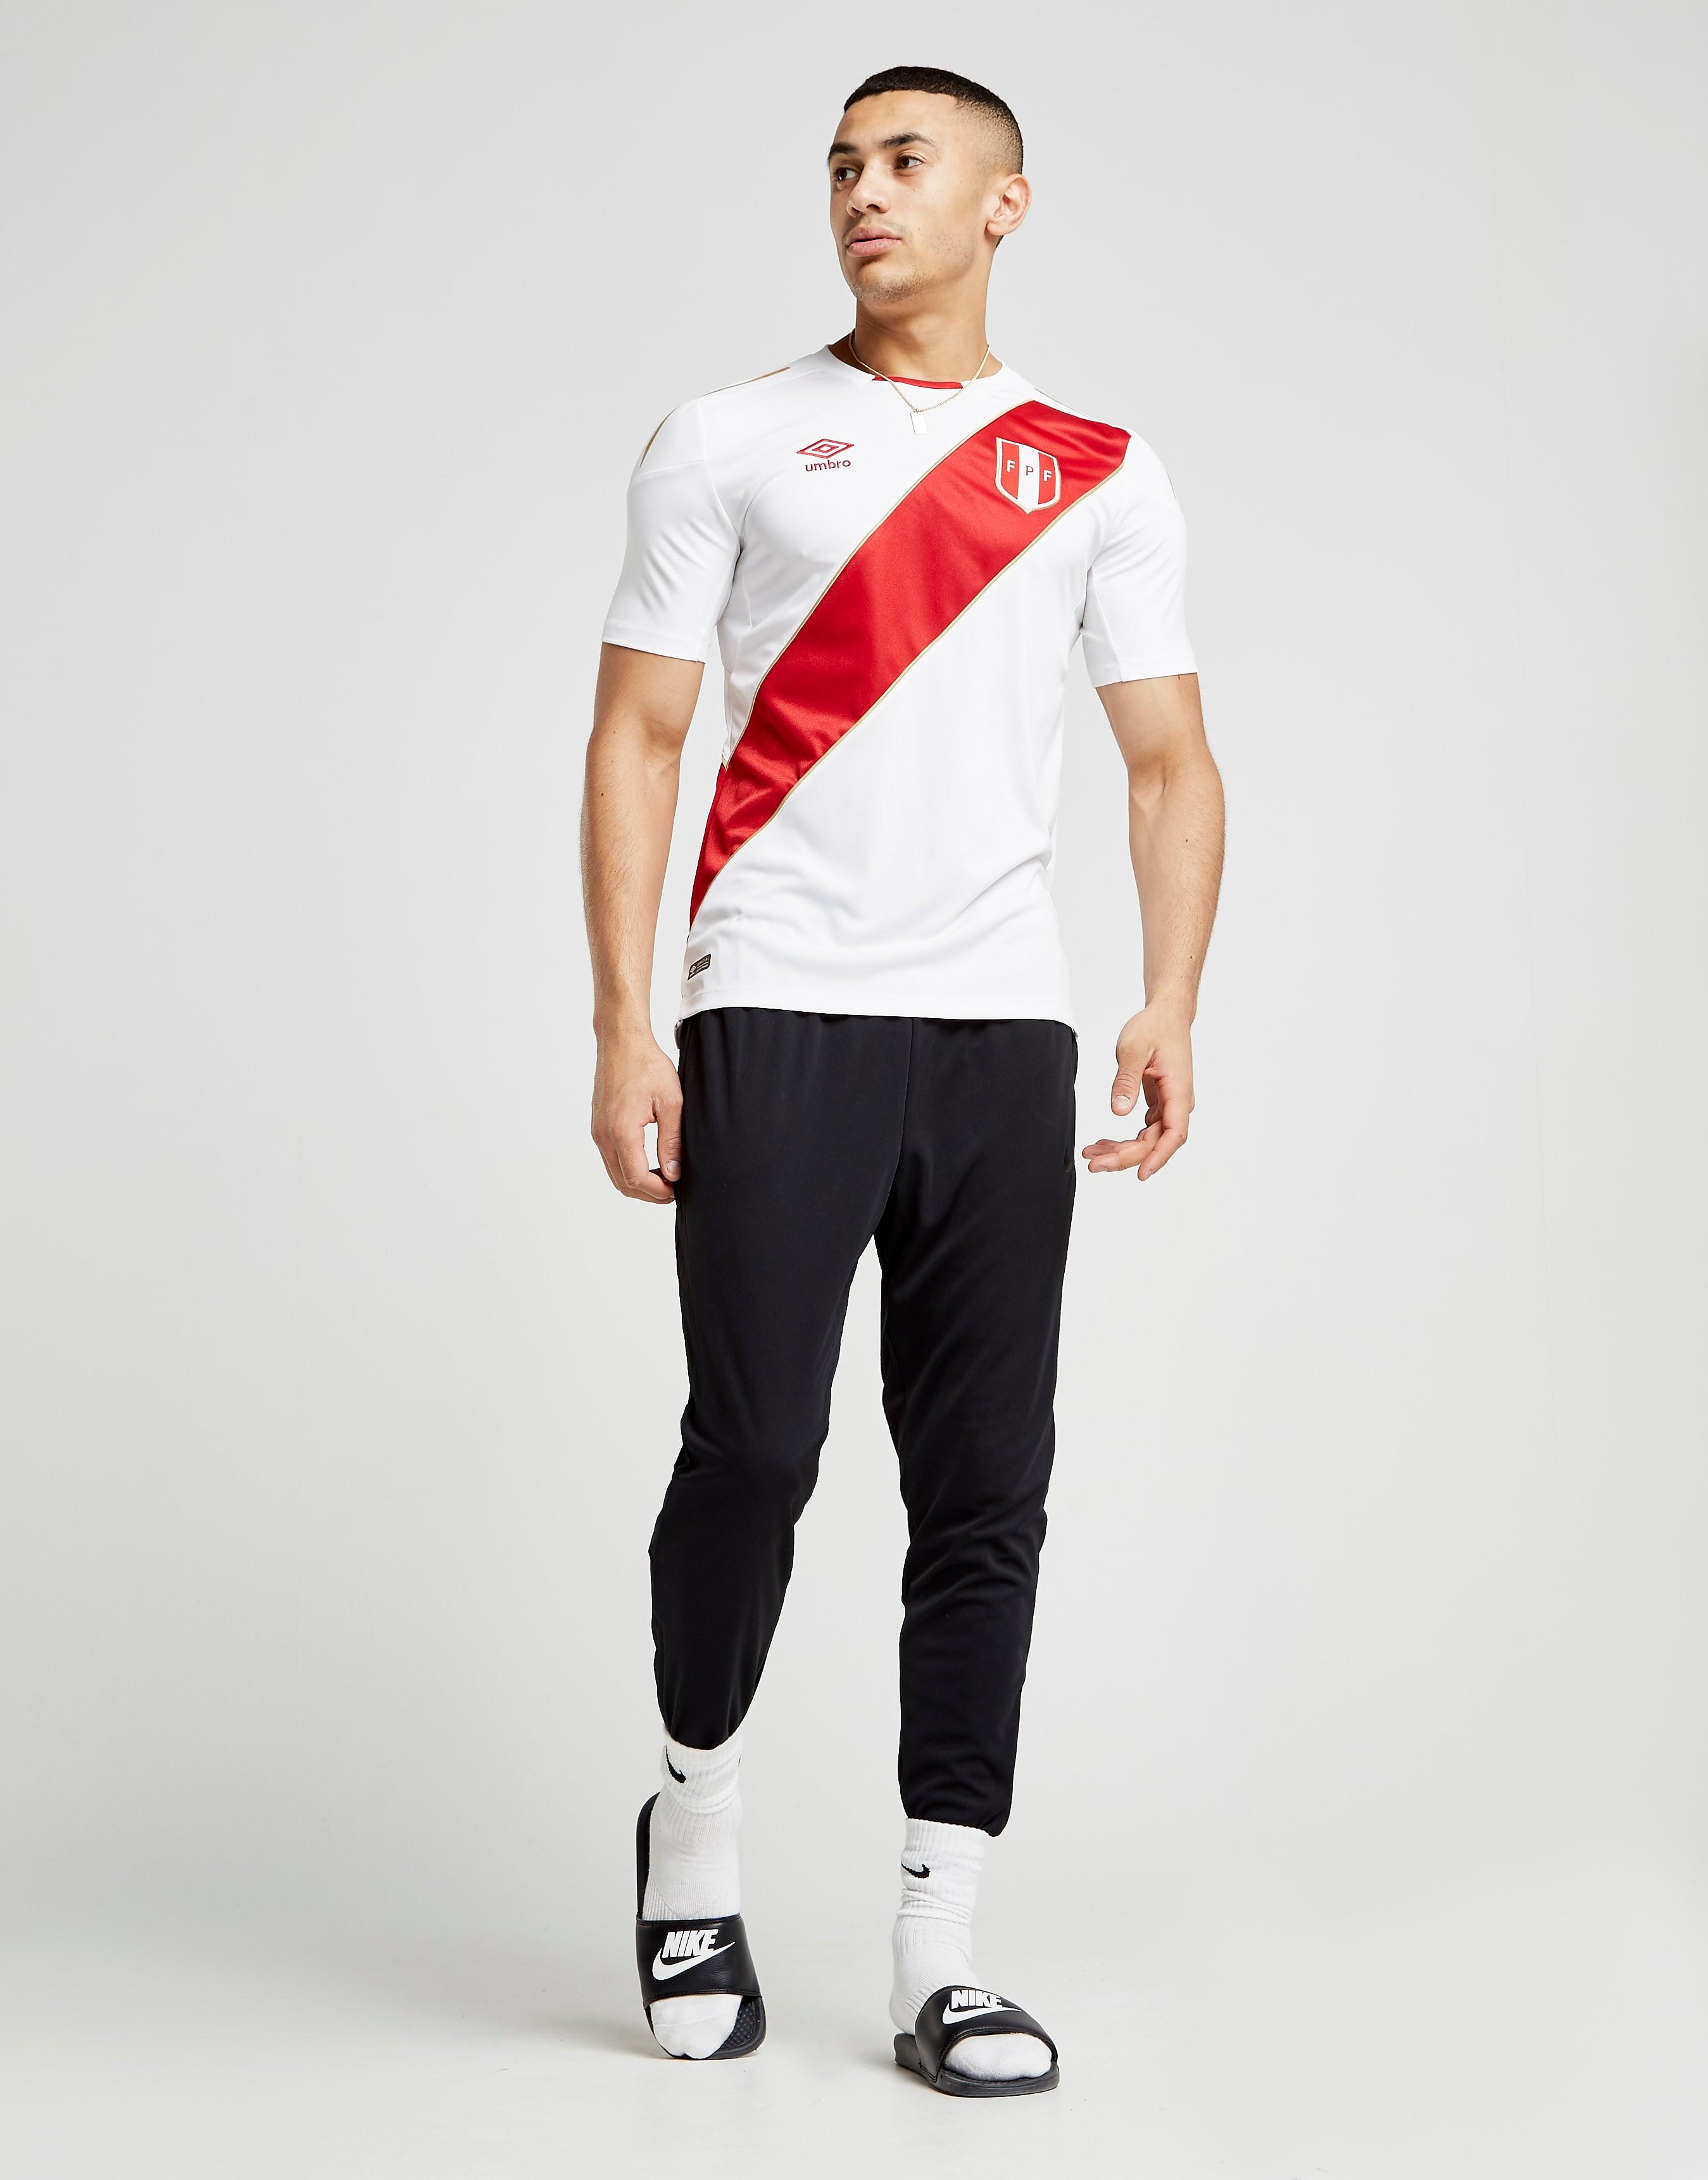 Umbro Peru 2018 Home Shirt